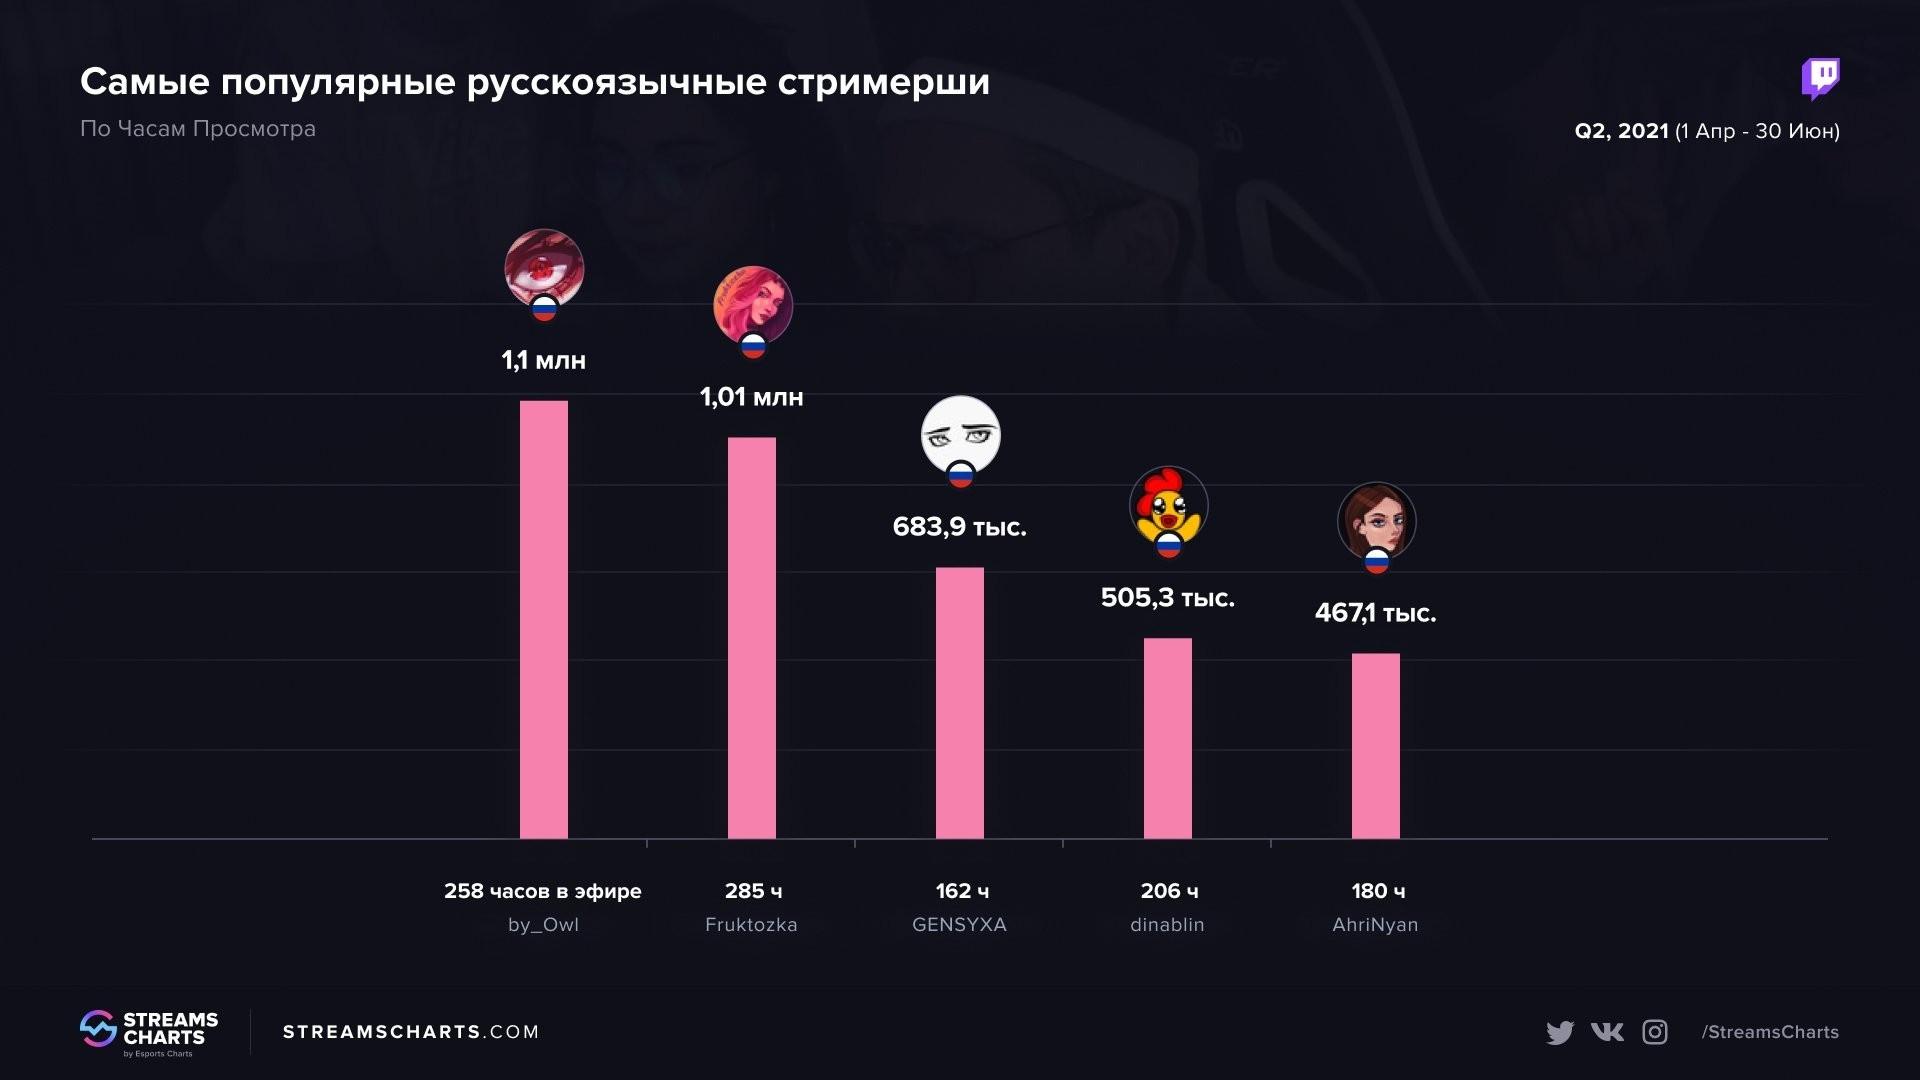 Самые популярные русскоговорящие стримерши на Twitch за второй квартал 2021 года